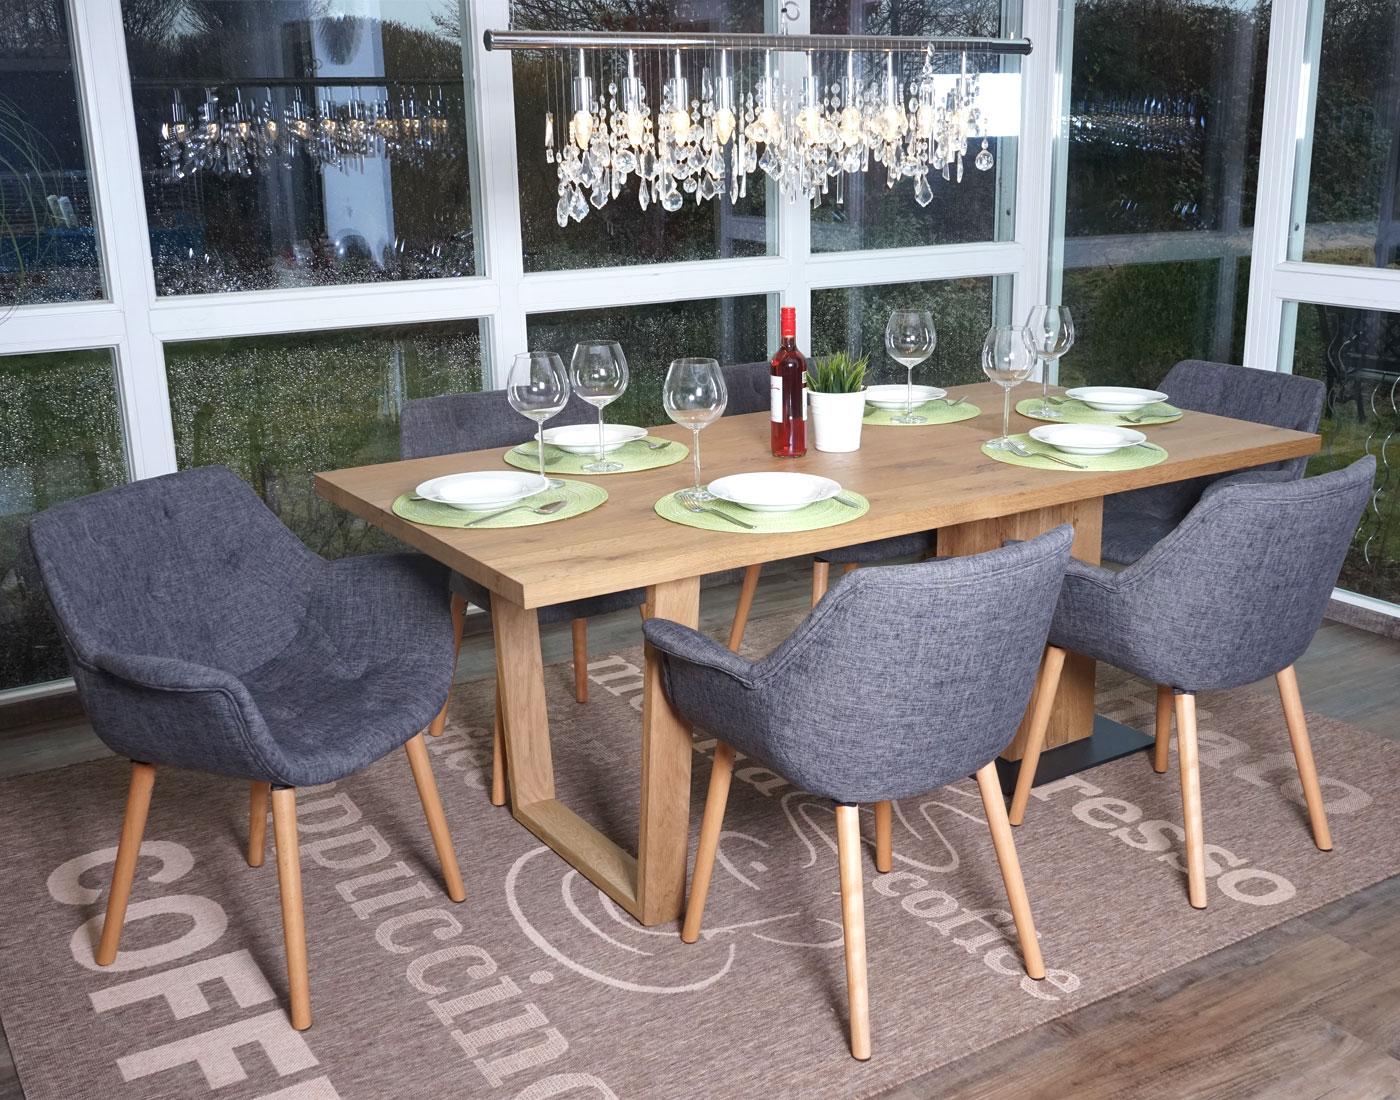 6x esszimmerstuhl malm t820 stuhl lehnstuhl retro 50er. Black Bedroom Furniture Sets. Home Design Ideas